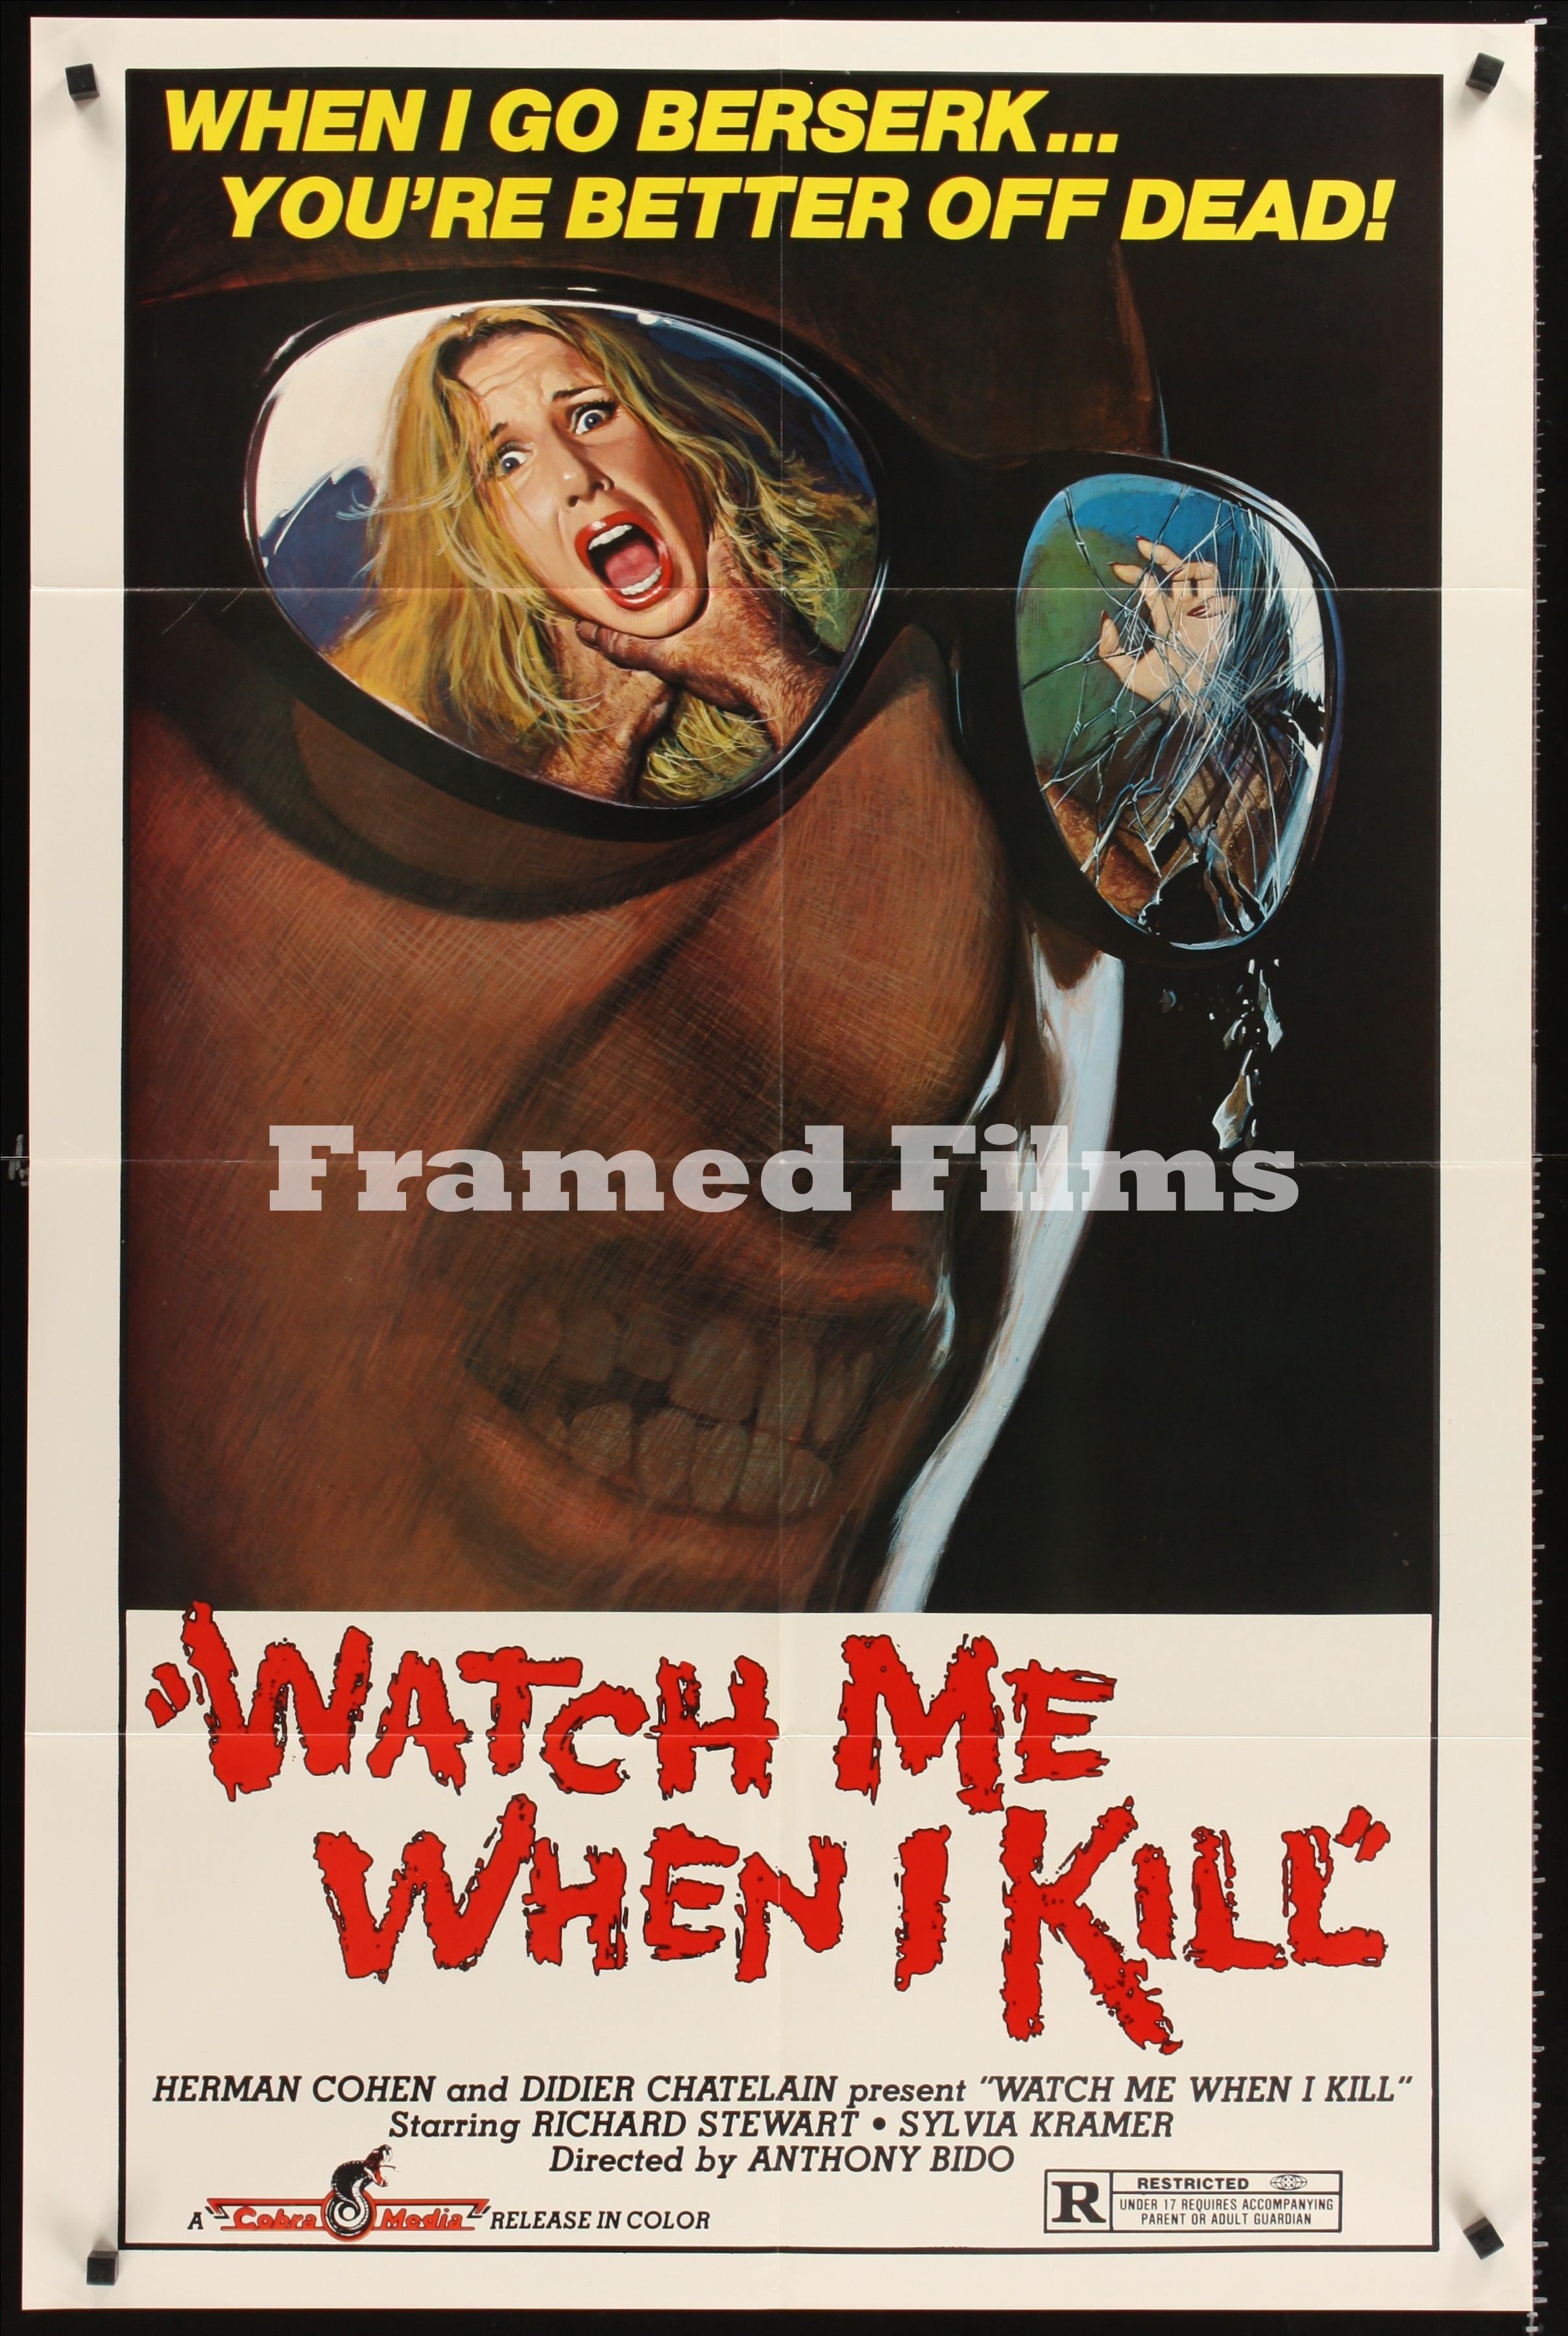 watch_me_when_i_kill_JC01282_L.jpg